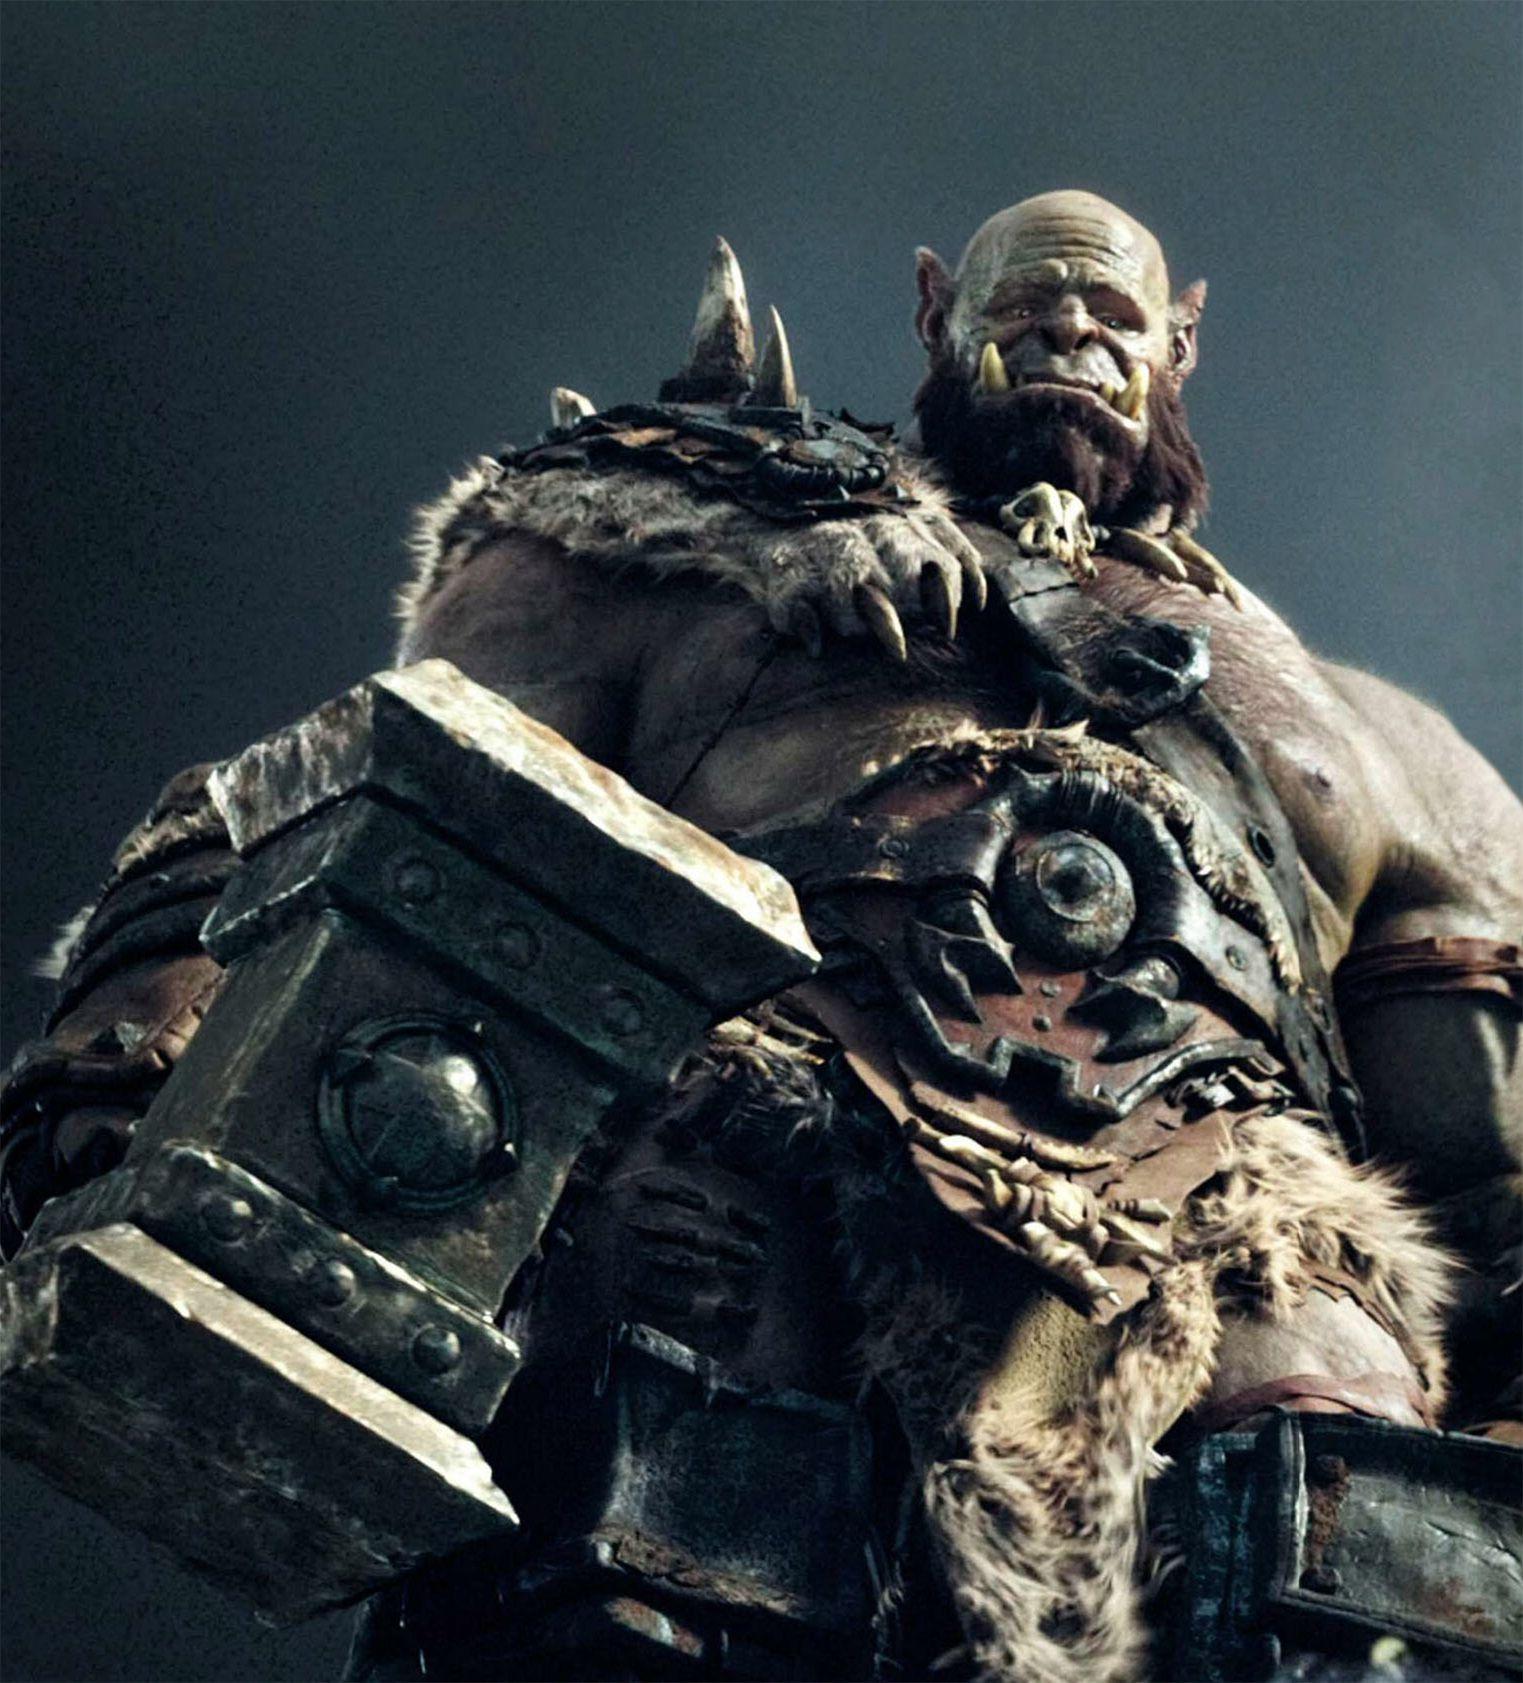 warcraft movie Orgrim Doomhammer | Everything Blizzard